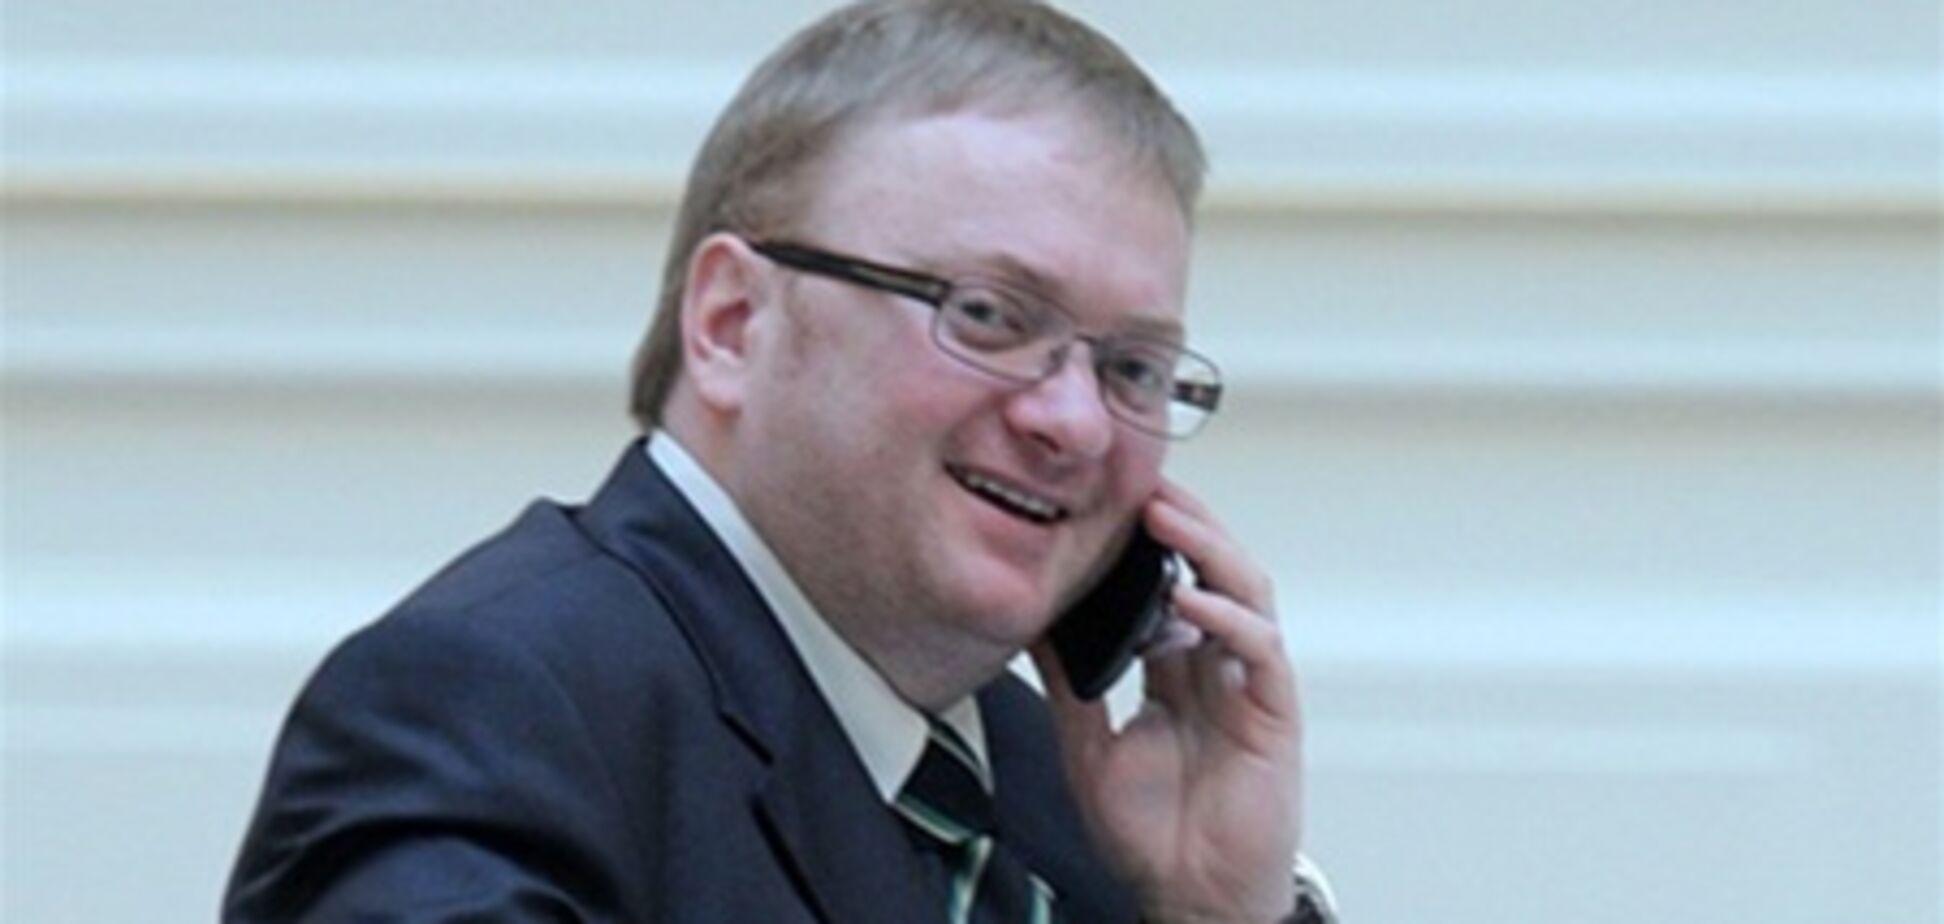 Єдинорос пропонує проводити 'РоссіяВіденіе'